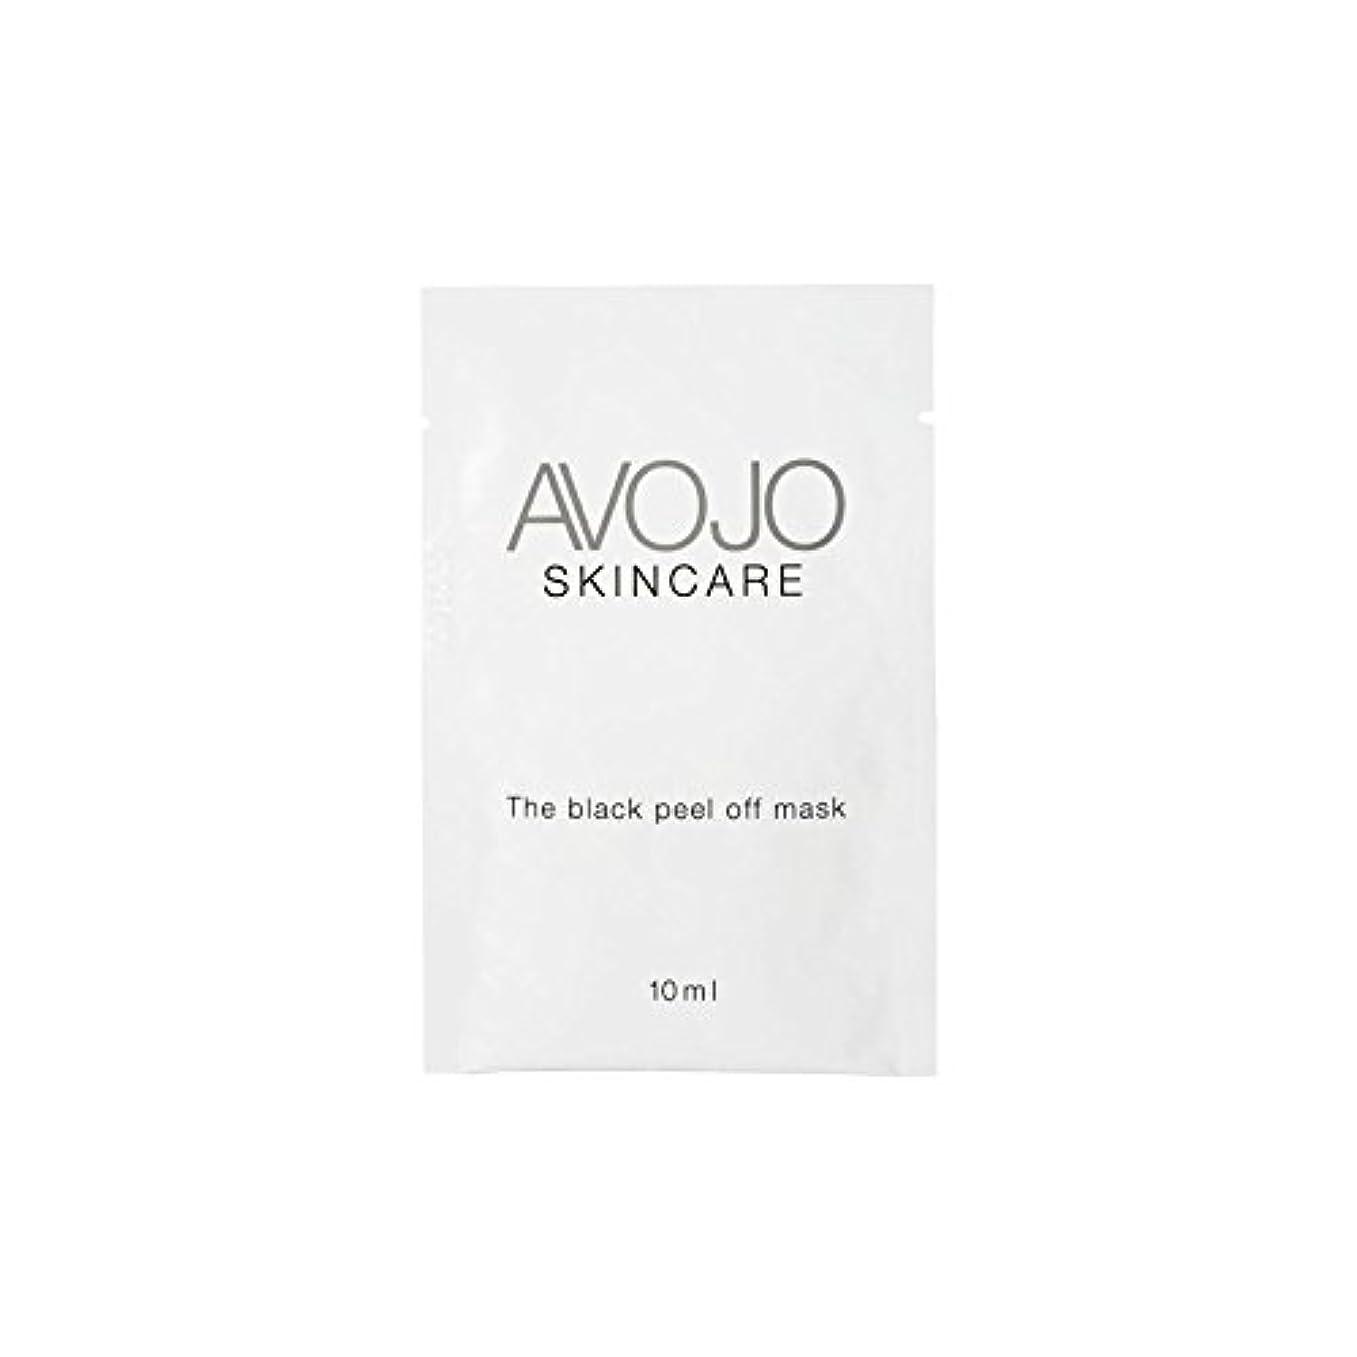 色パーク砦- ブラックピールオフマスク - 小袋(10ミリリットル×4) x2 - Avojo - The Black Peel Off Mask - Sachet (10ml X 4) (Pack of 2) [並行輸入品]